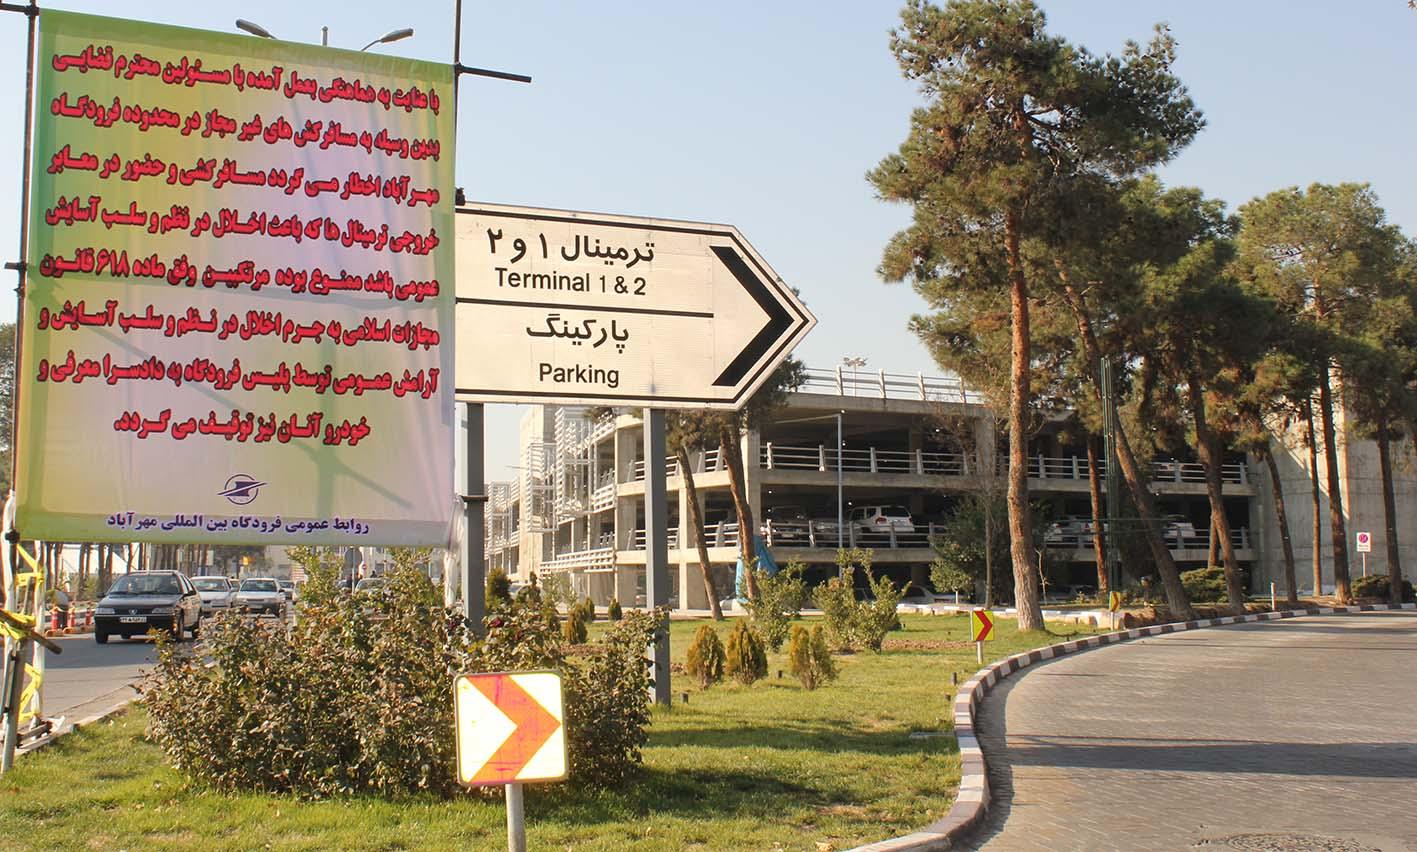 آدرس فرودگاه مهرآباد تهران